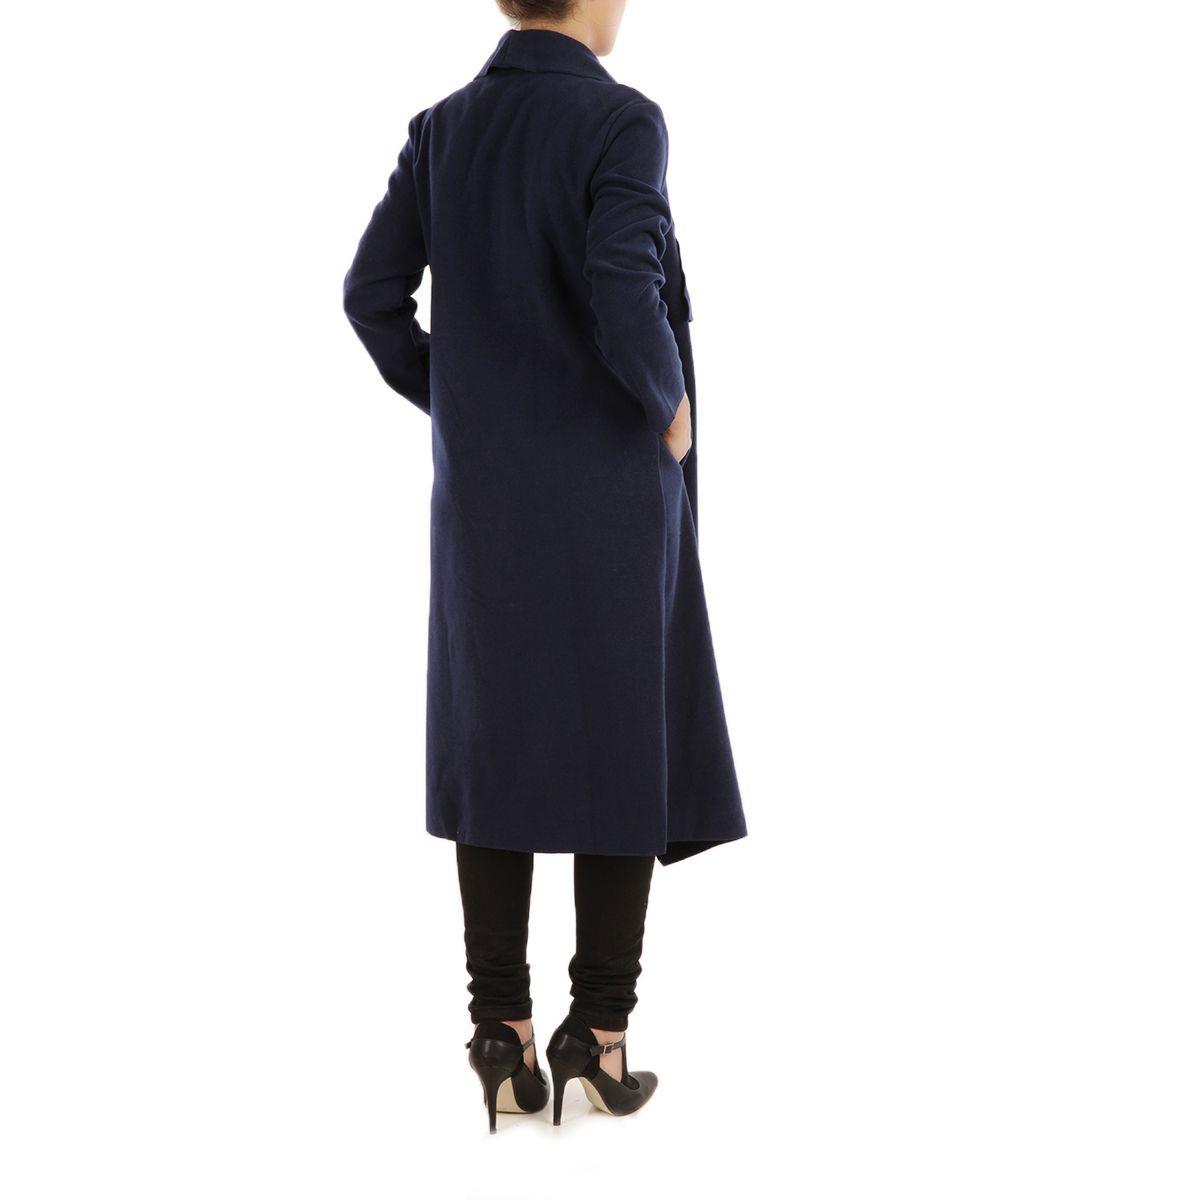 manteau femme coupe longue aspect velours avec poches bleu. Black Bedroom Furniture Sets. Home Design Ideas